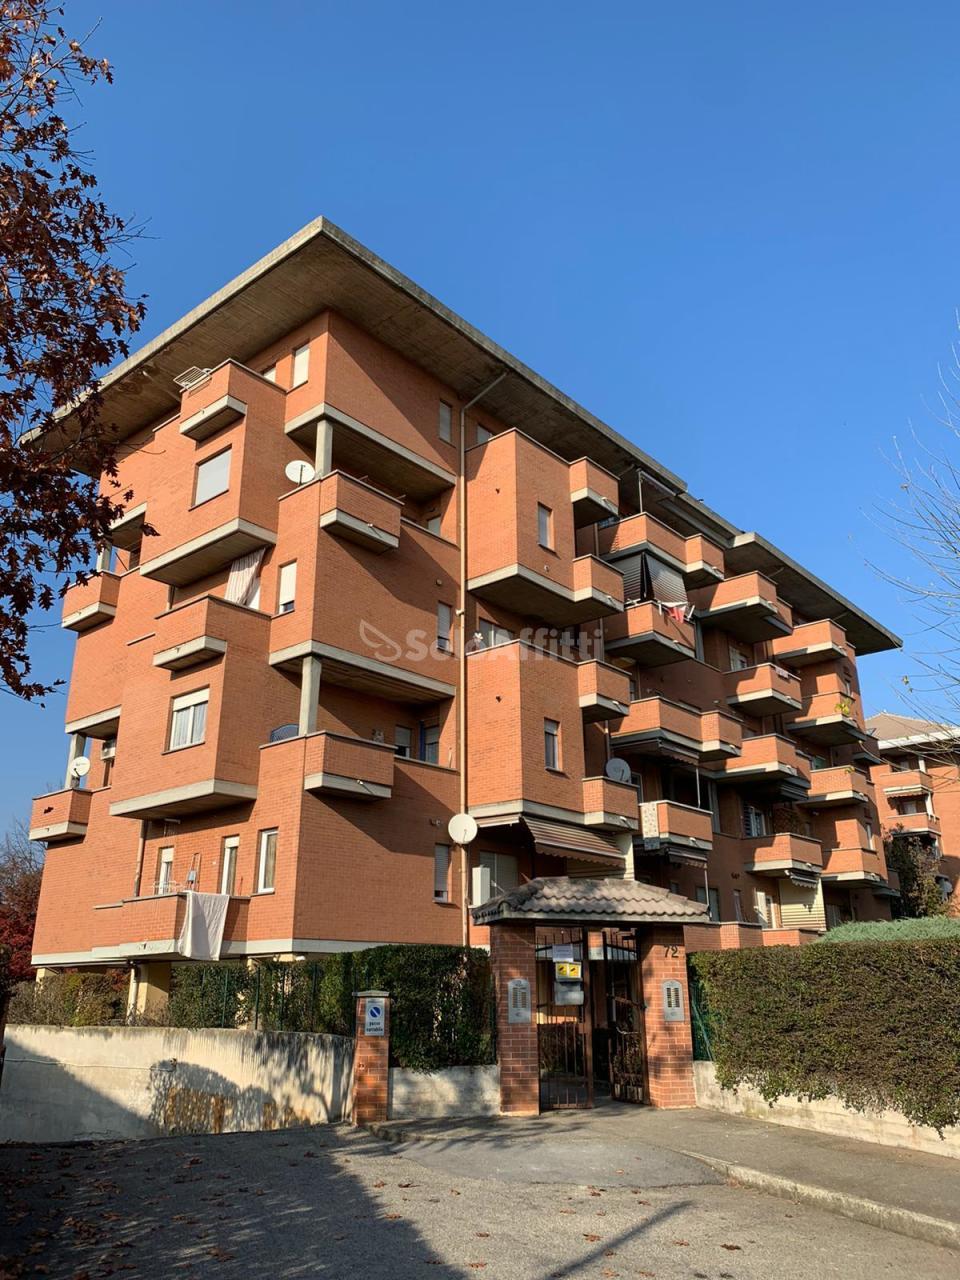 Appartamento in affitto a Piossasco, 1 locali, prezzo € 290 | PortaleAgenzieImmobiliari.it